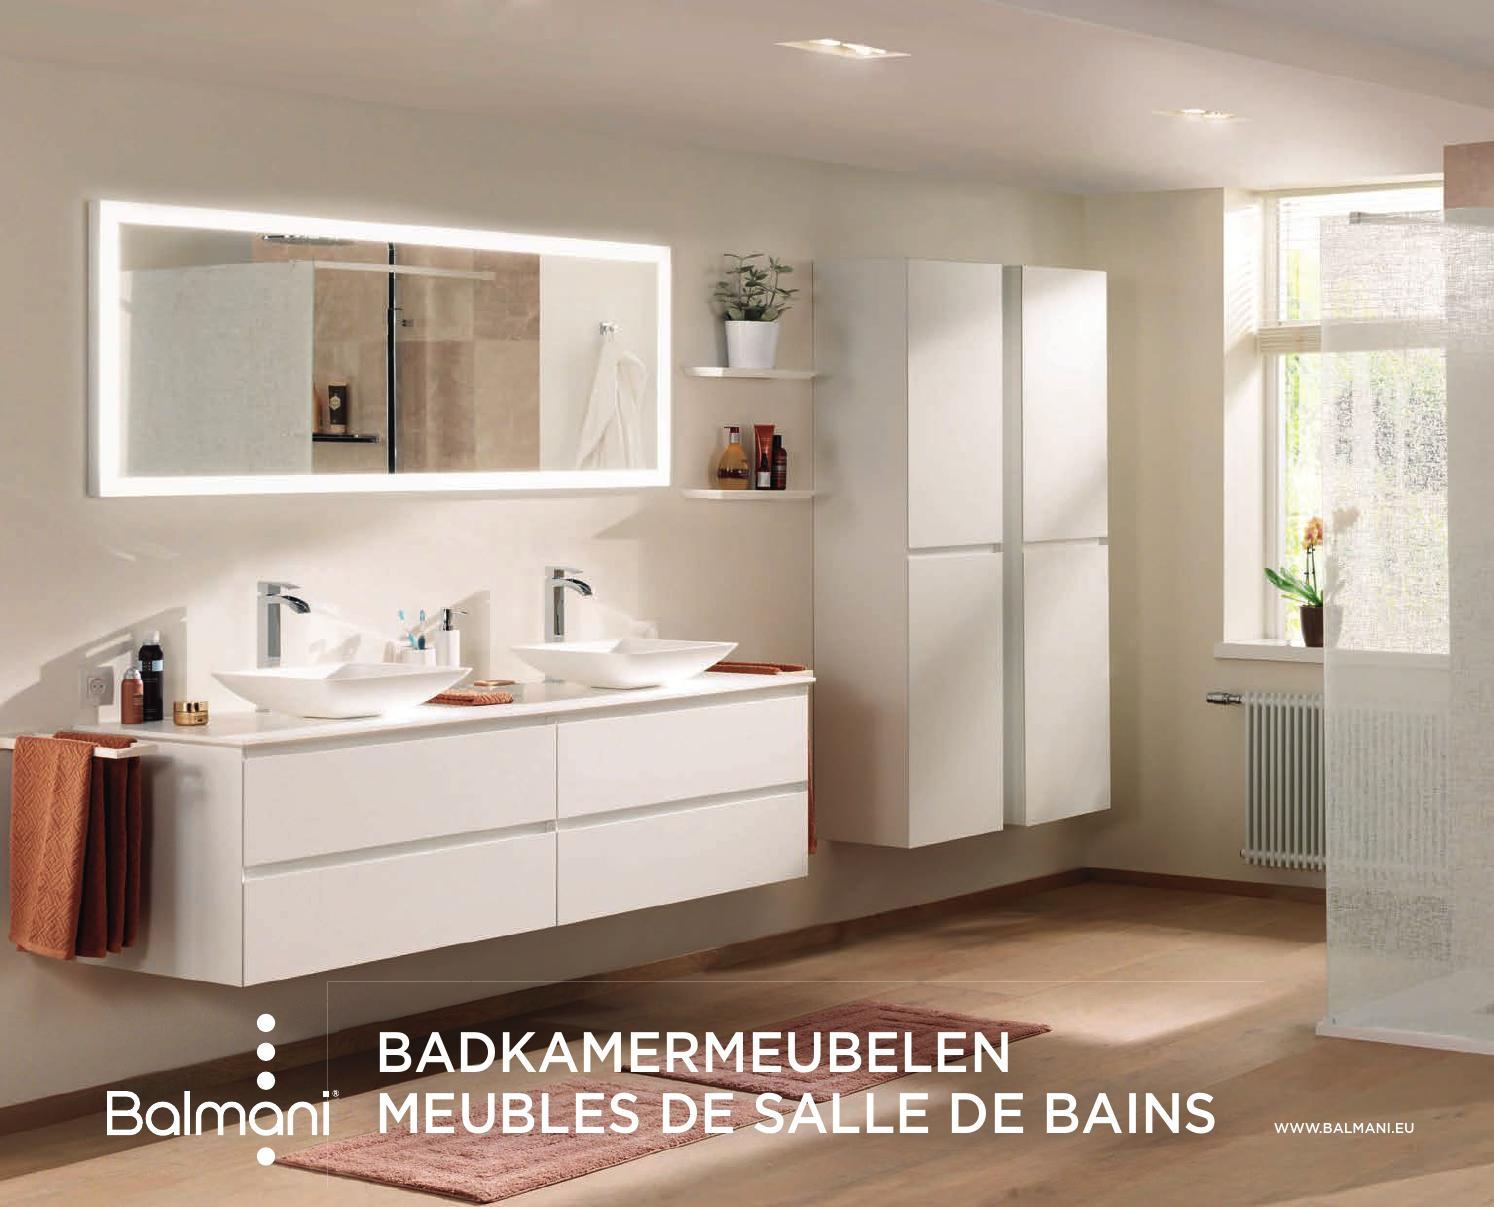 Ikea badkamermeubel kopen laat je inspireren